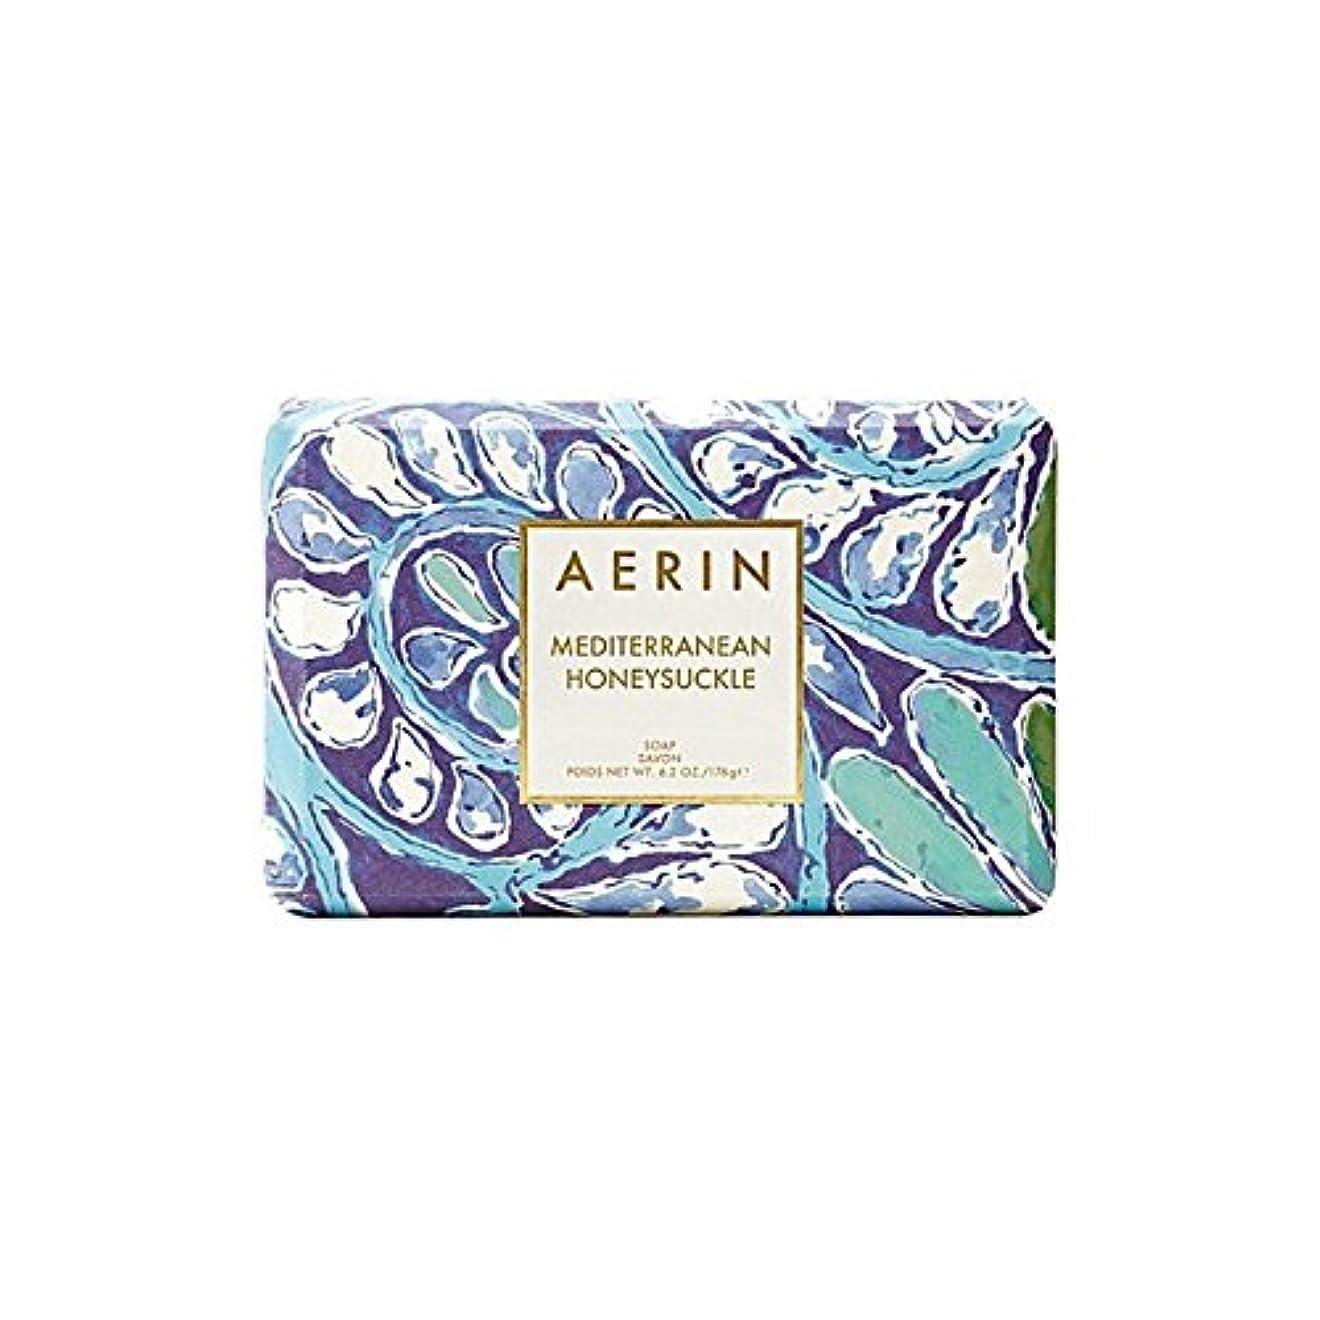 過激派気を散らす野なスイカズラ固形石鹸176グラム x2 - Aerin Mediterrenean Honeysuckle Bar Soap 176G (Pack of 2) [並行輸入品]